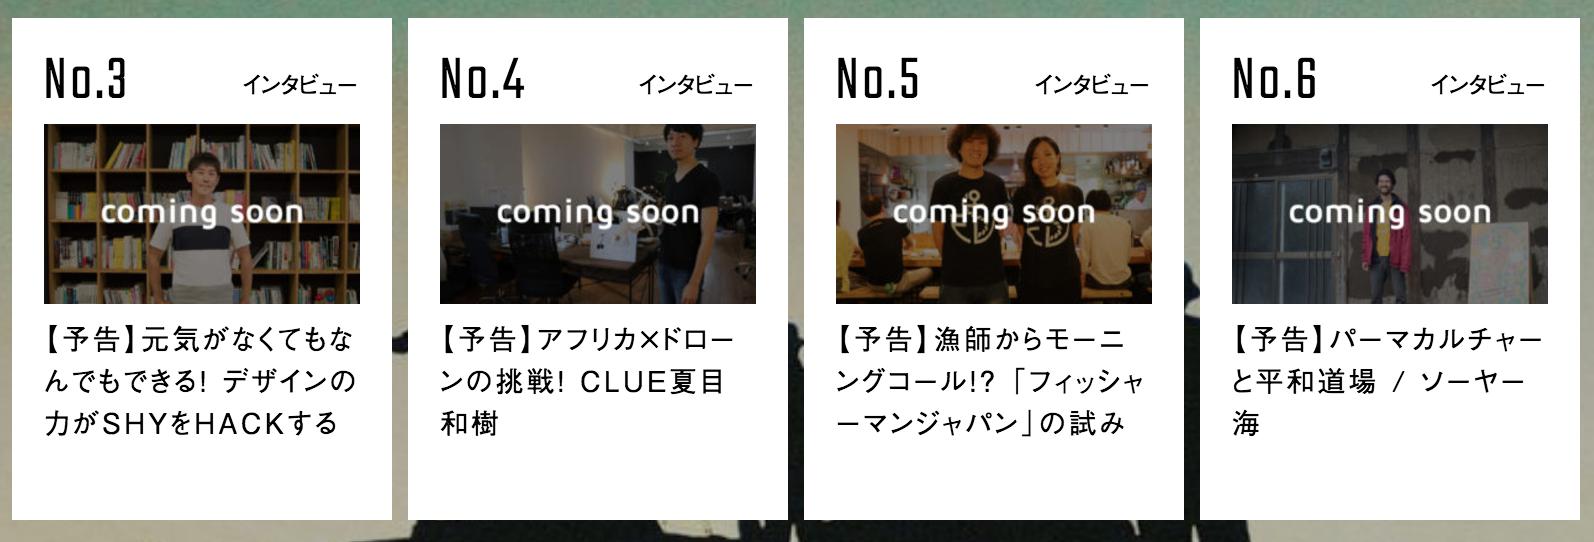 f:id:kakijiro:20170530121622p:plain